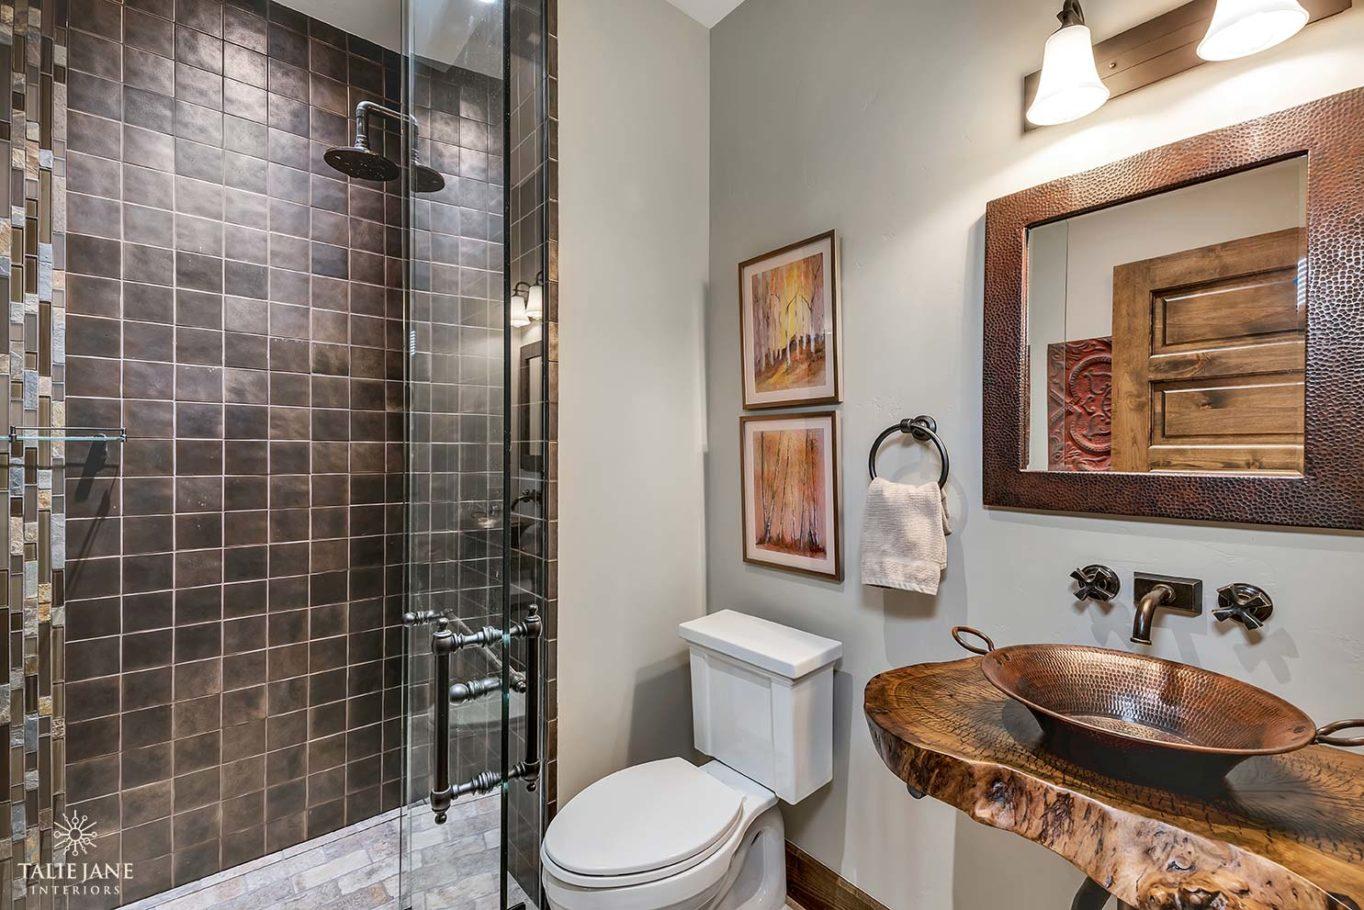 Bathroom interior design - Talie Jane Interiors